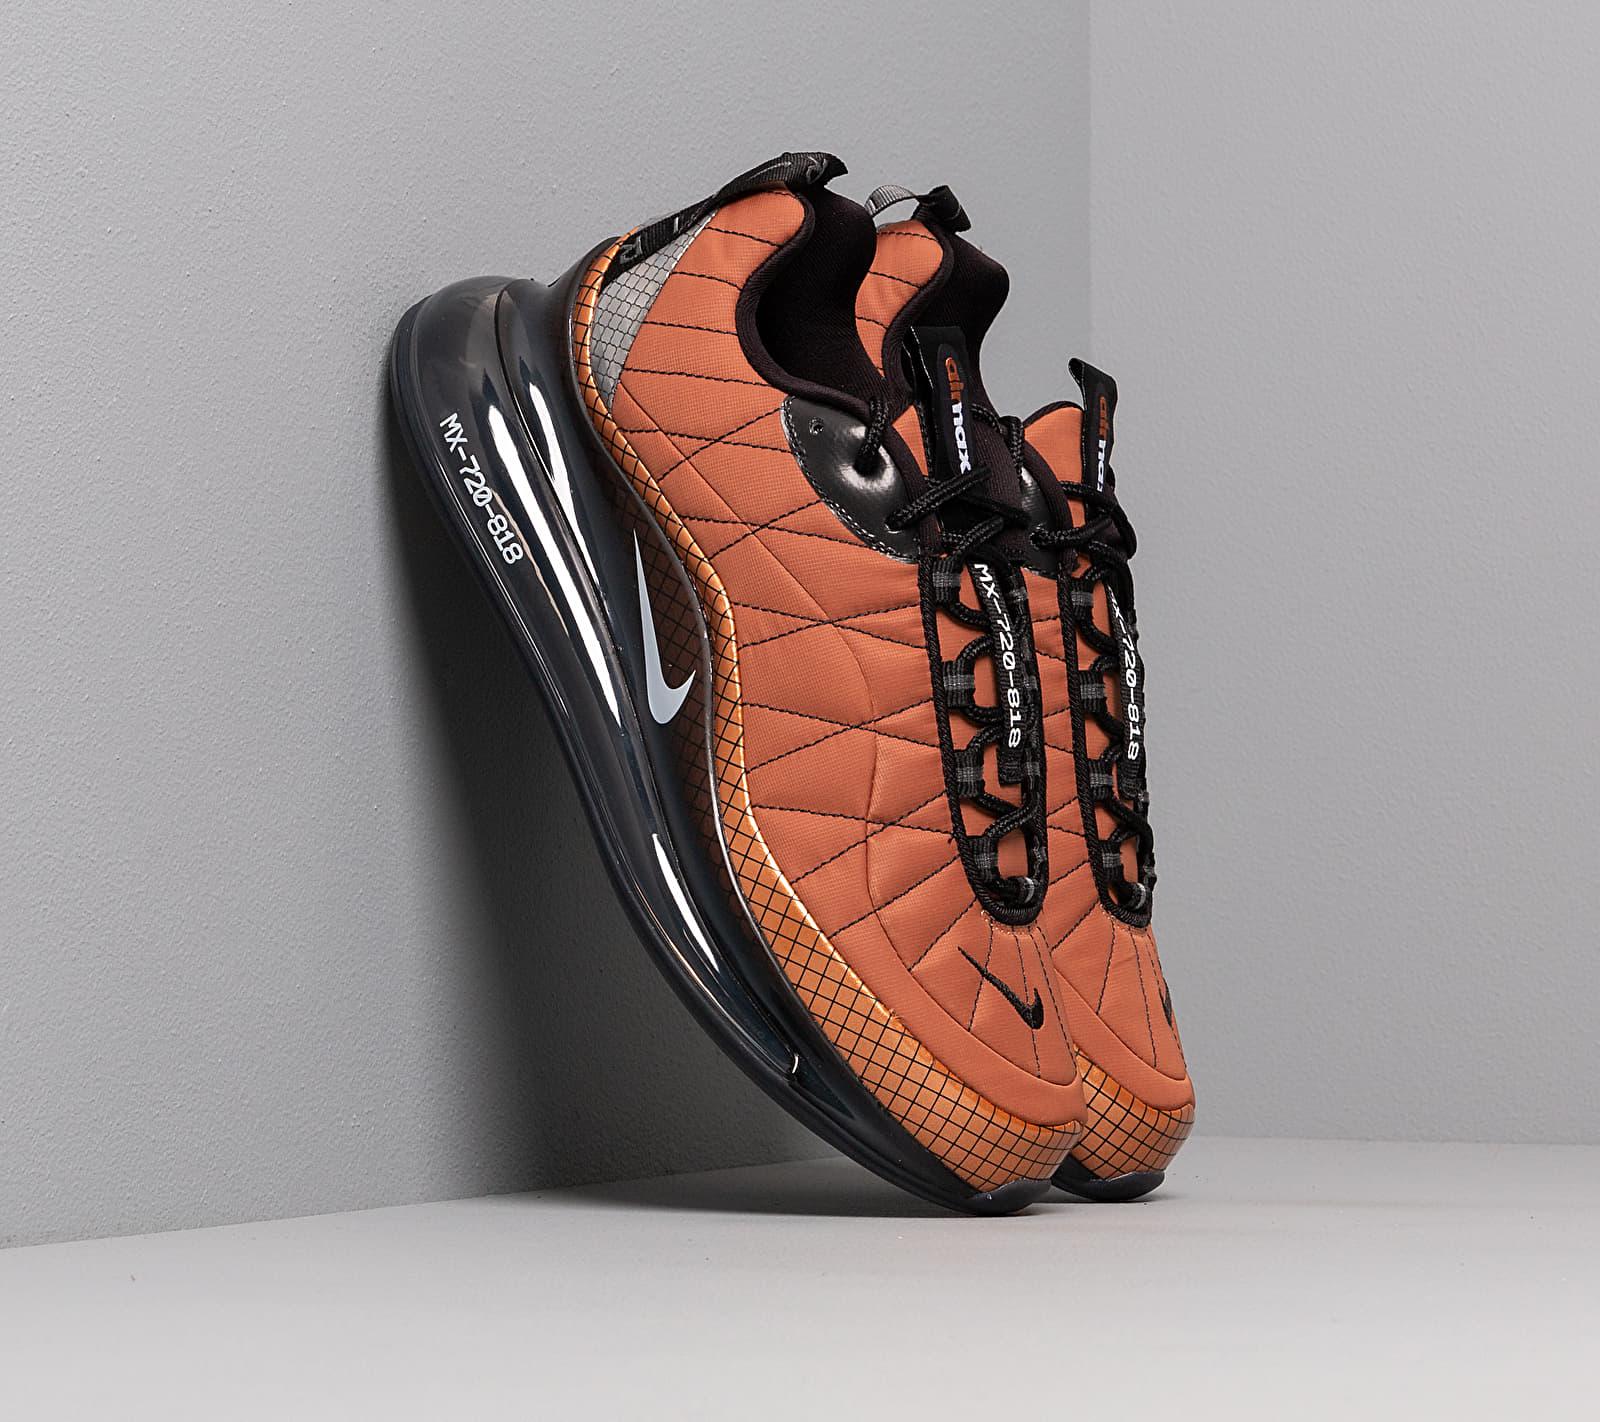 Nike Mx-720-818 Metallic Copper/ White-Black-Anthracite EUR 43